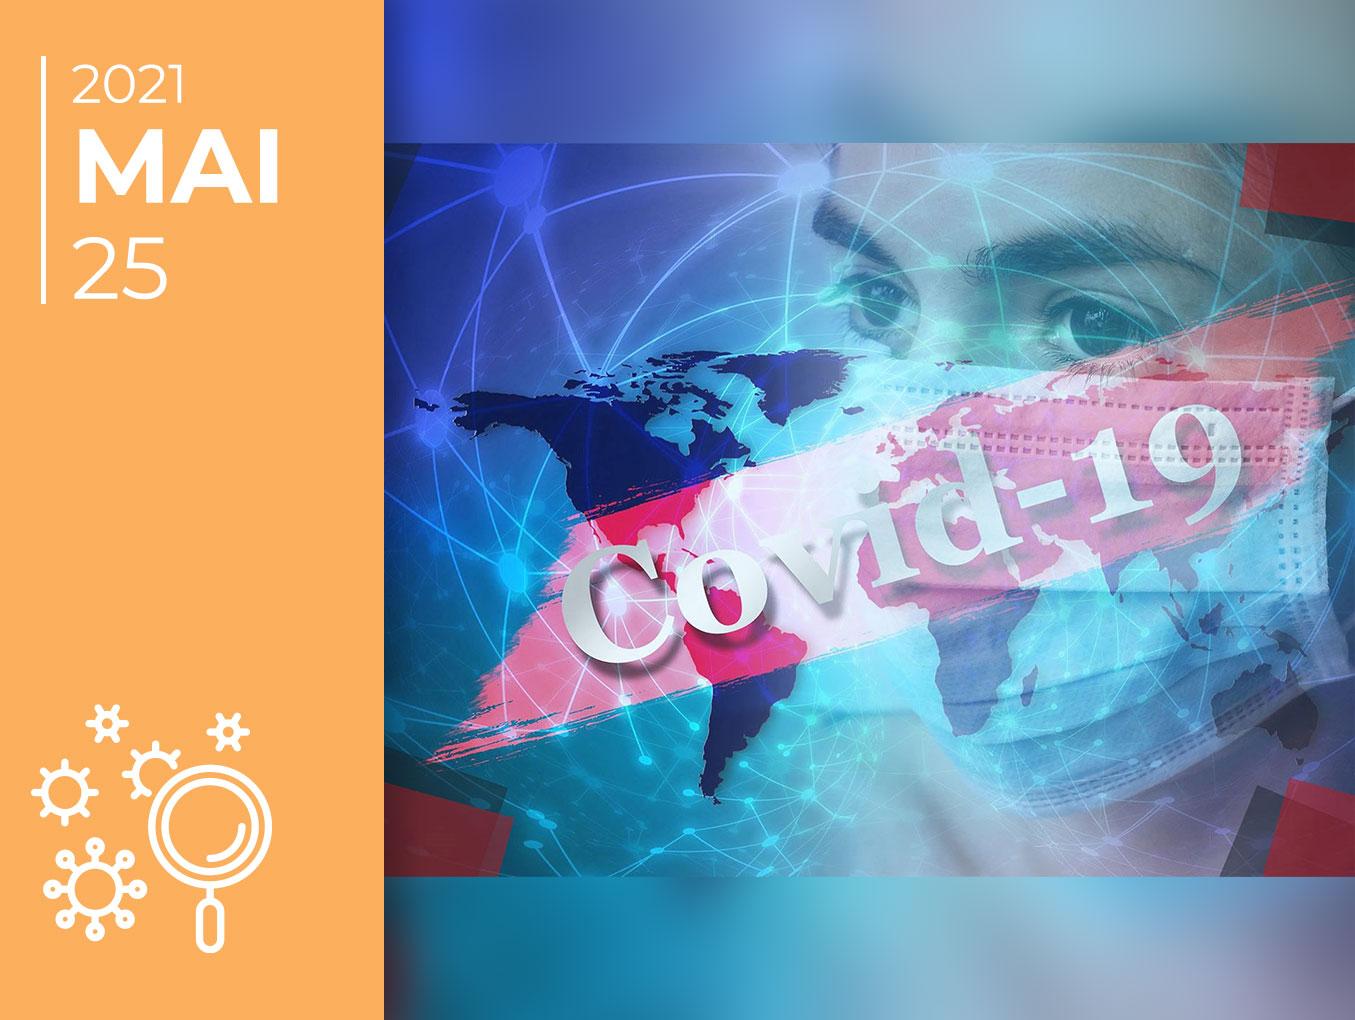 Covid-19 pelo mundo afora: 23-05-21